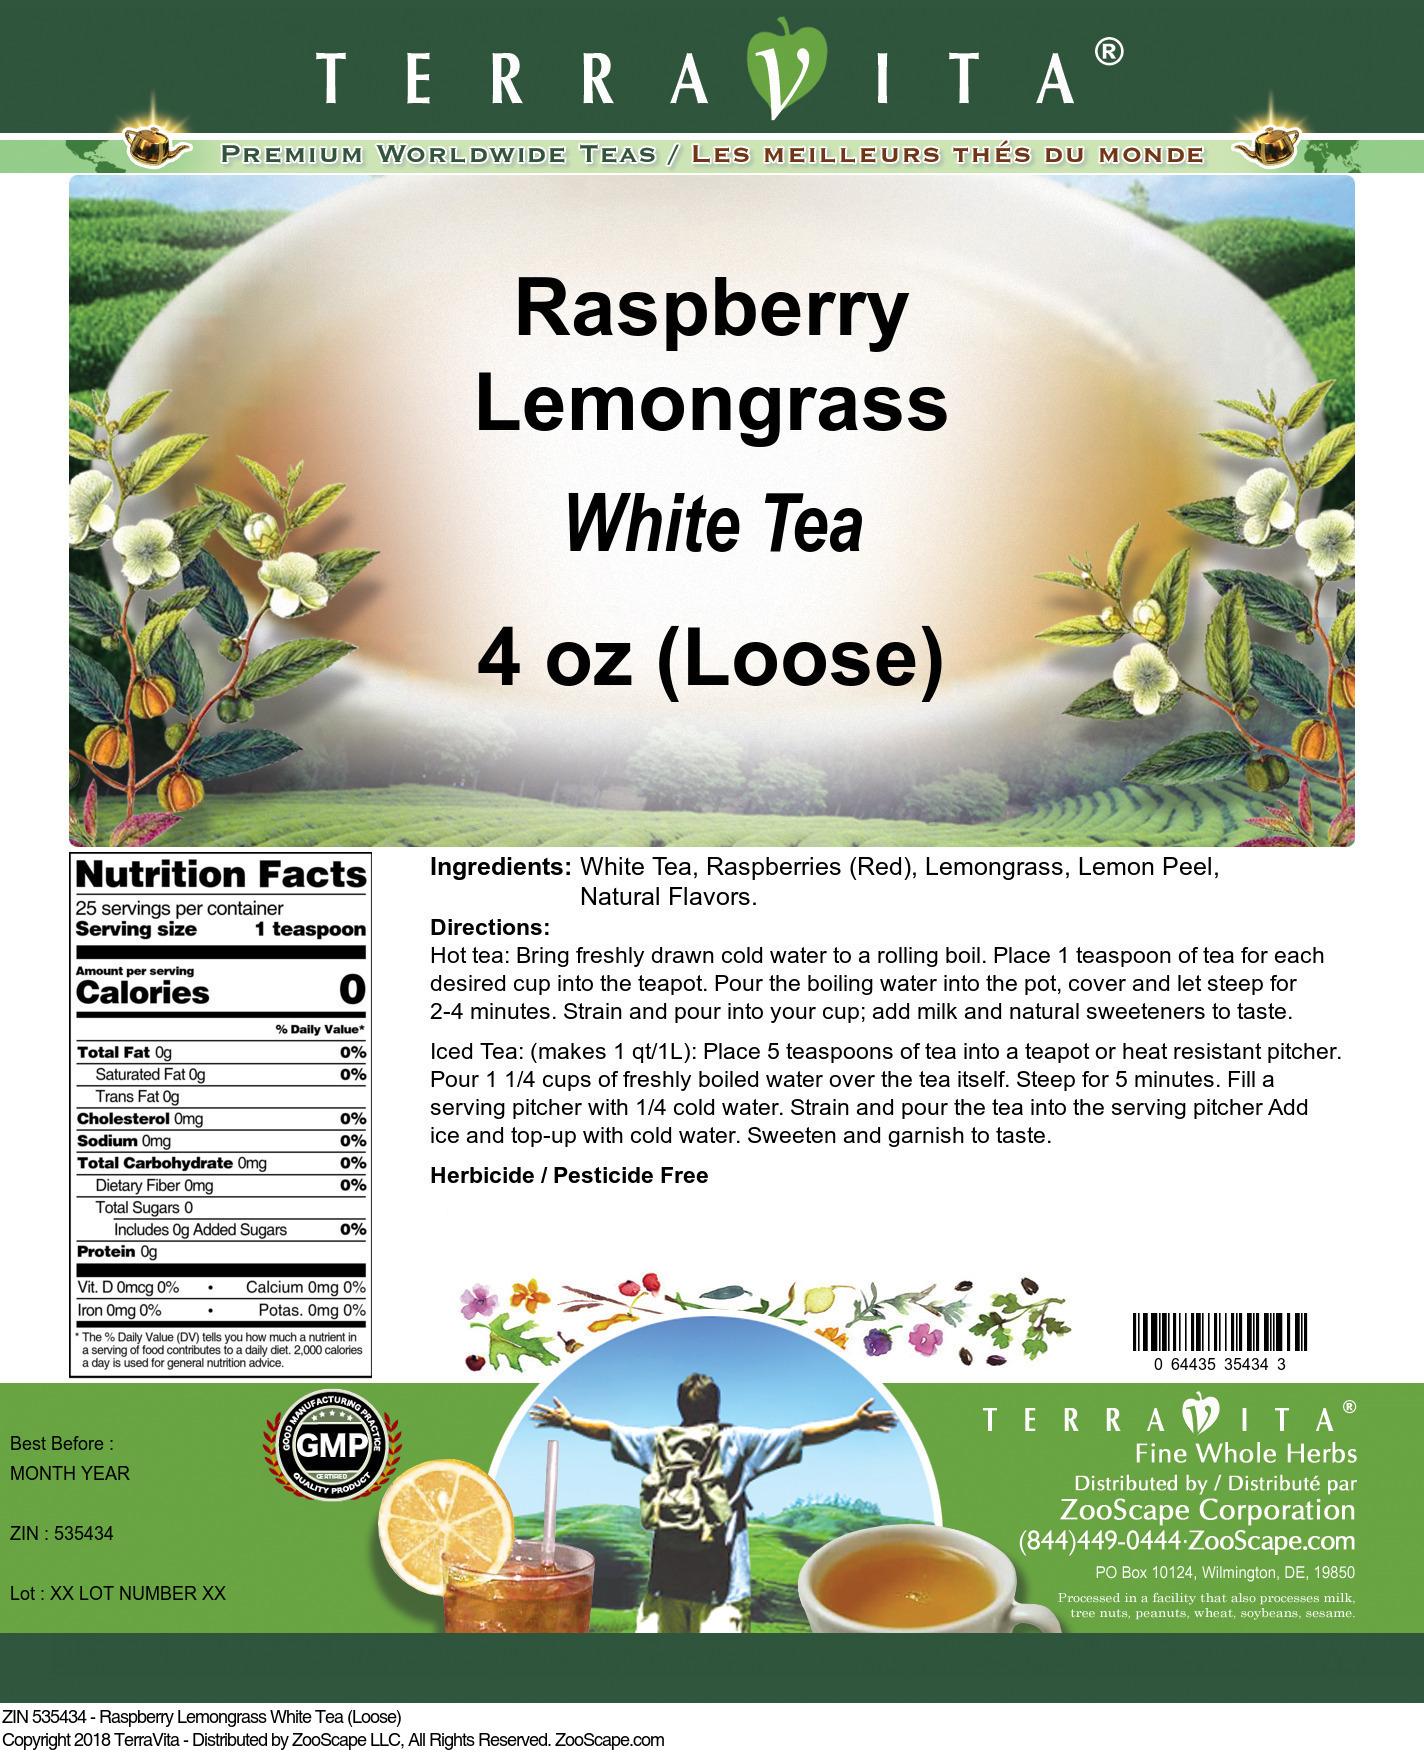 Raspberry Lemongrass White Tea